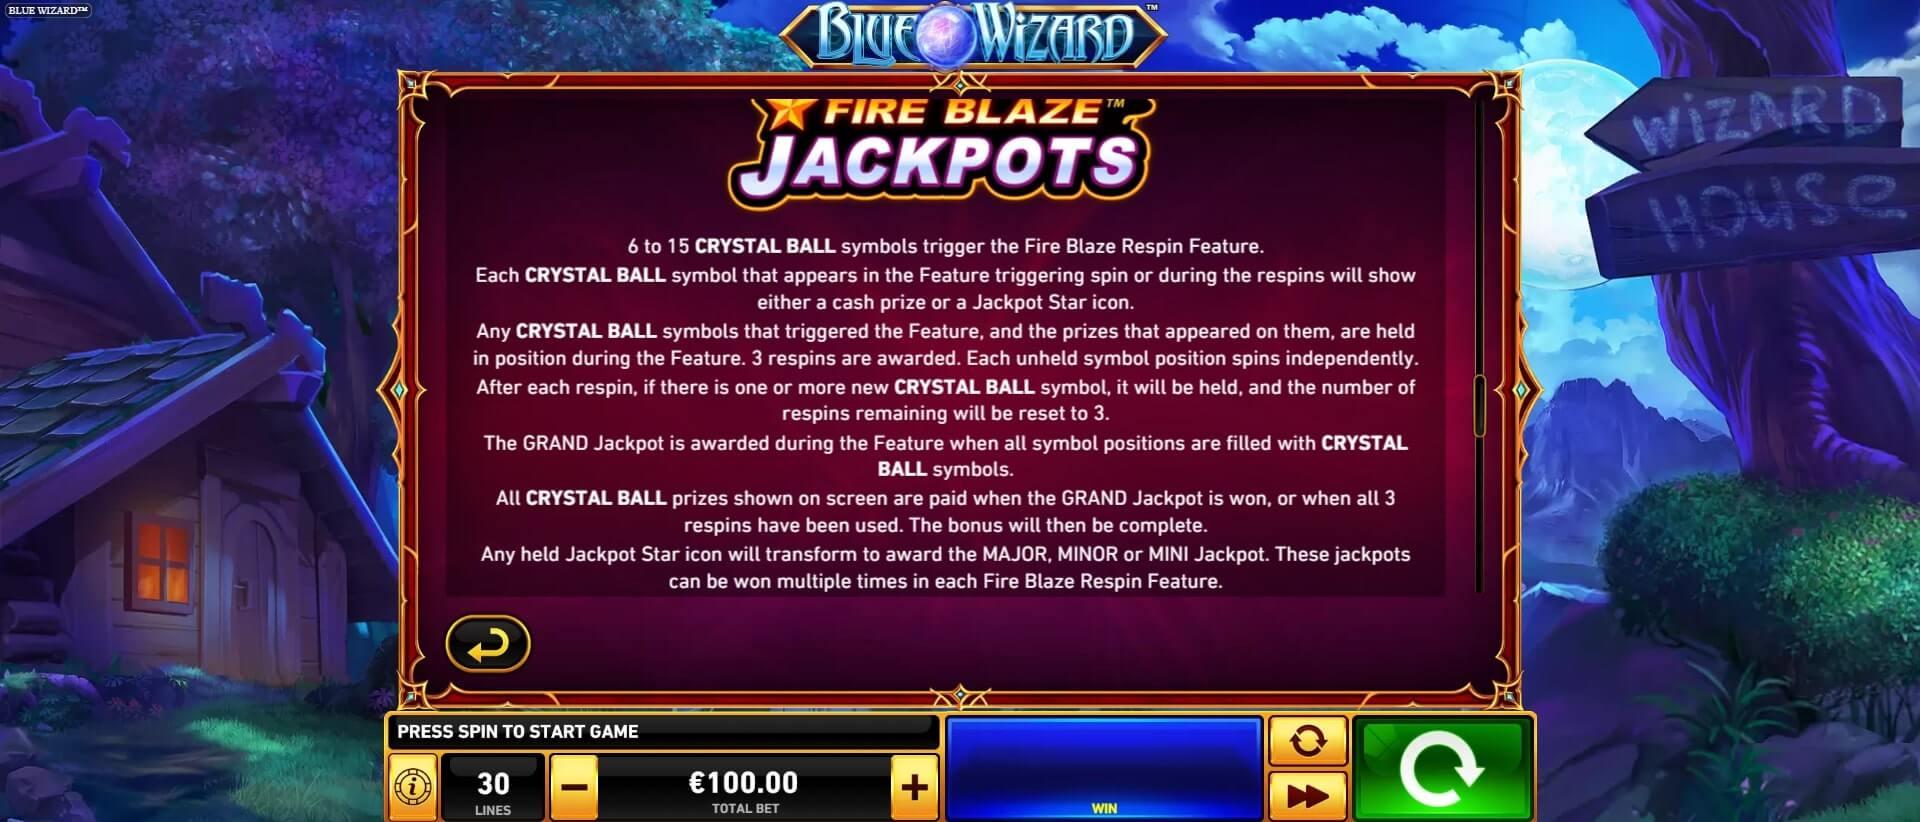 blue wizard fire blaze jackpots